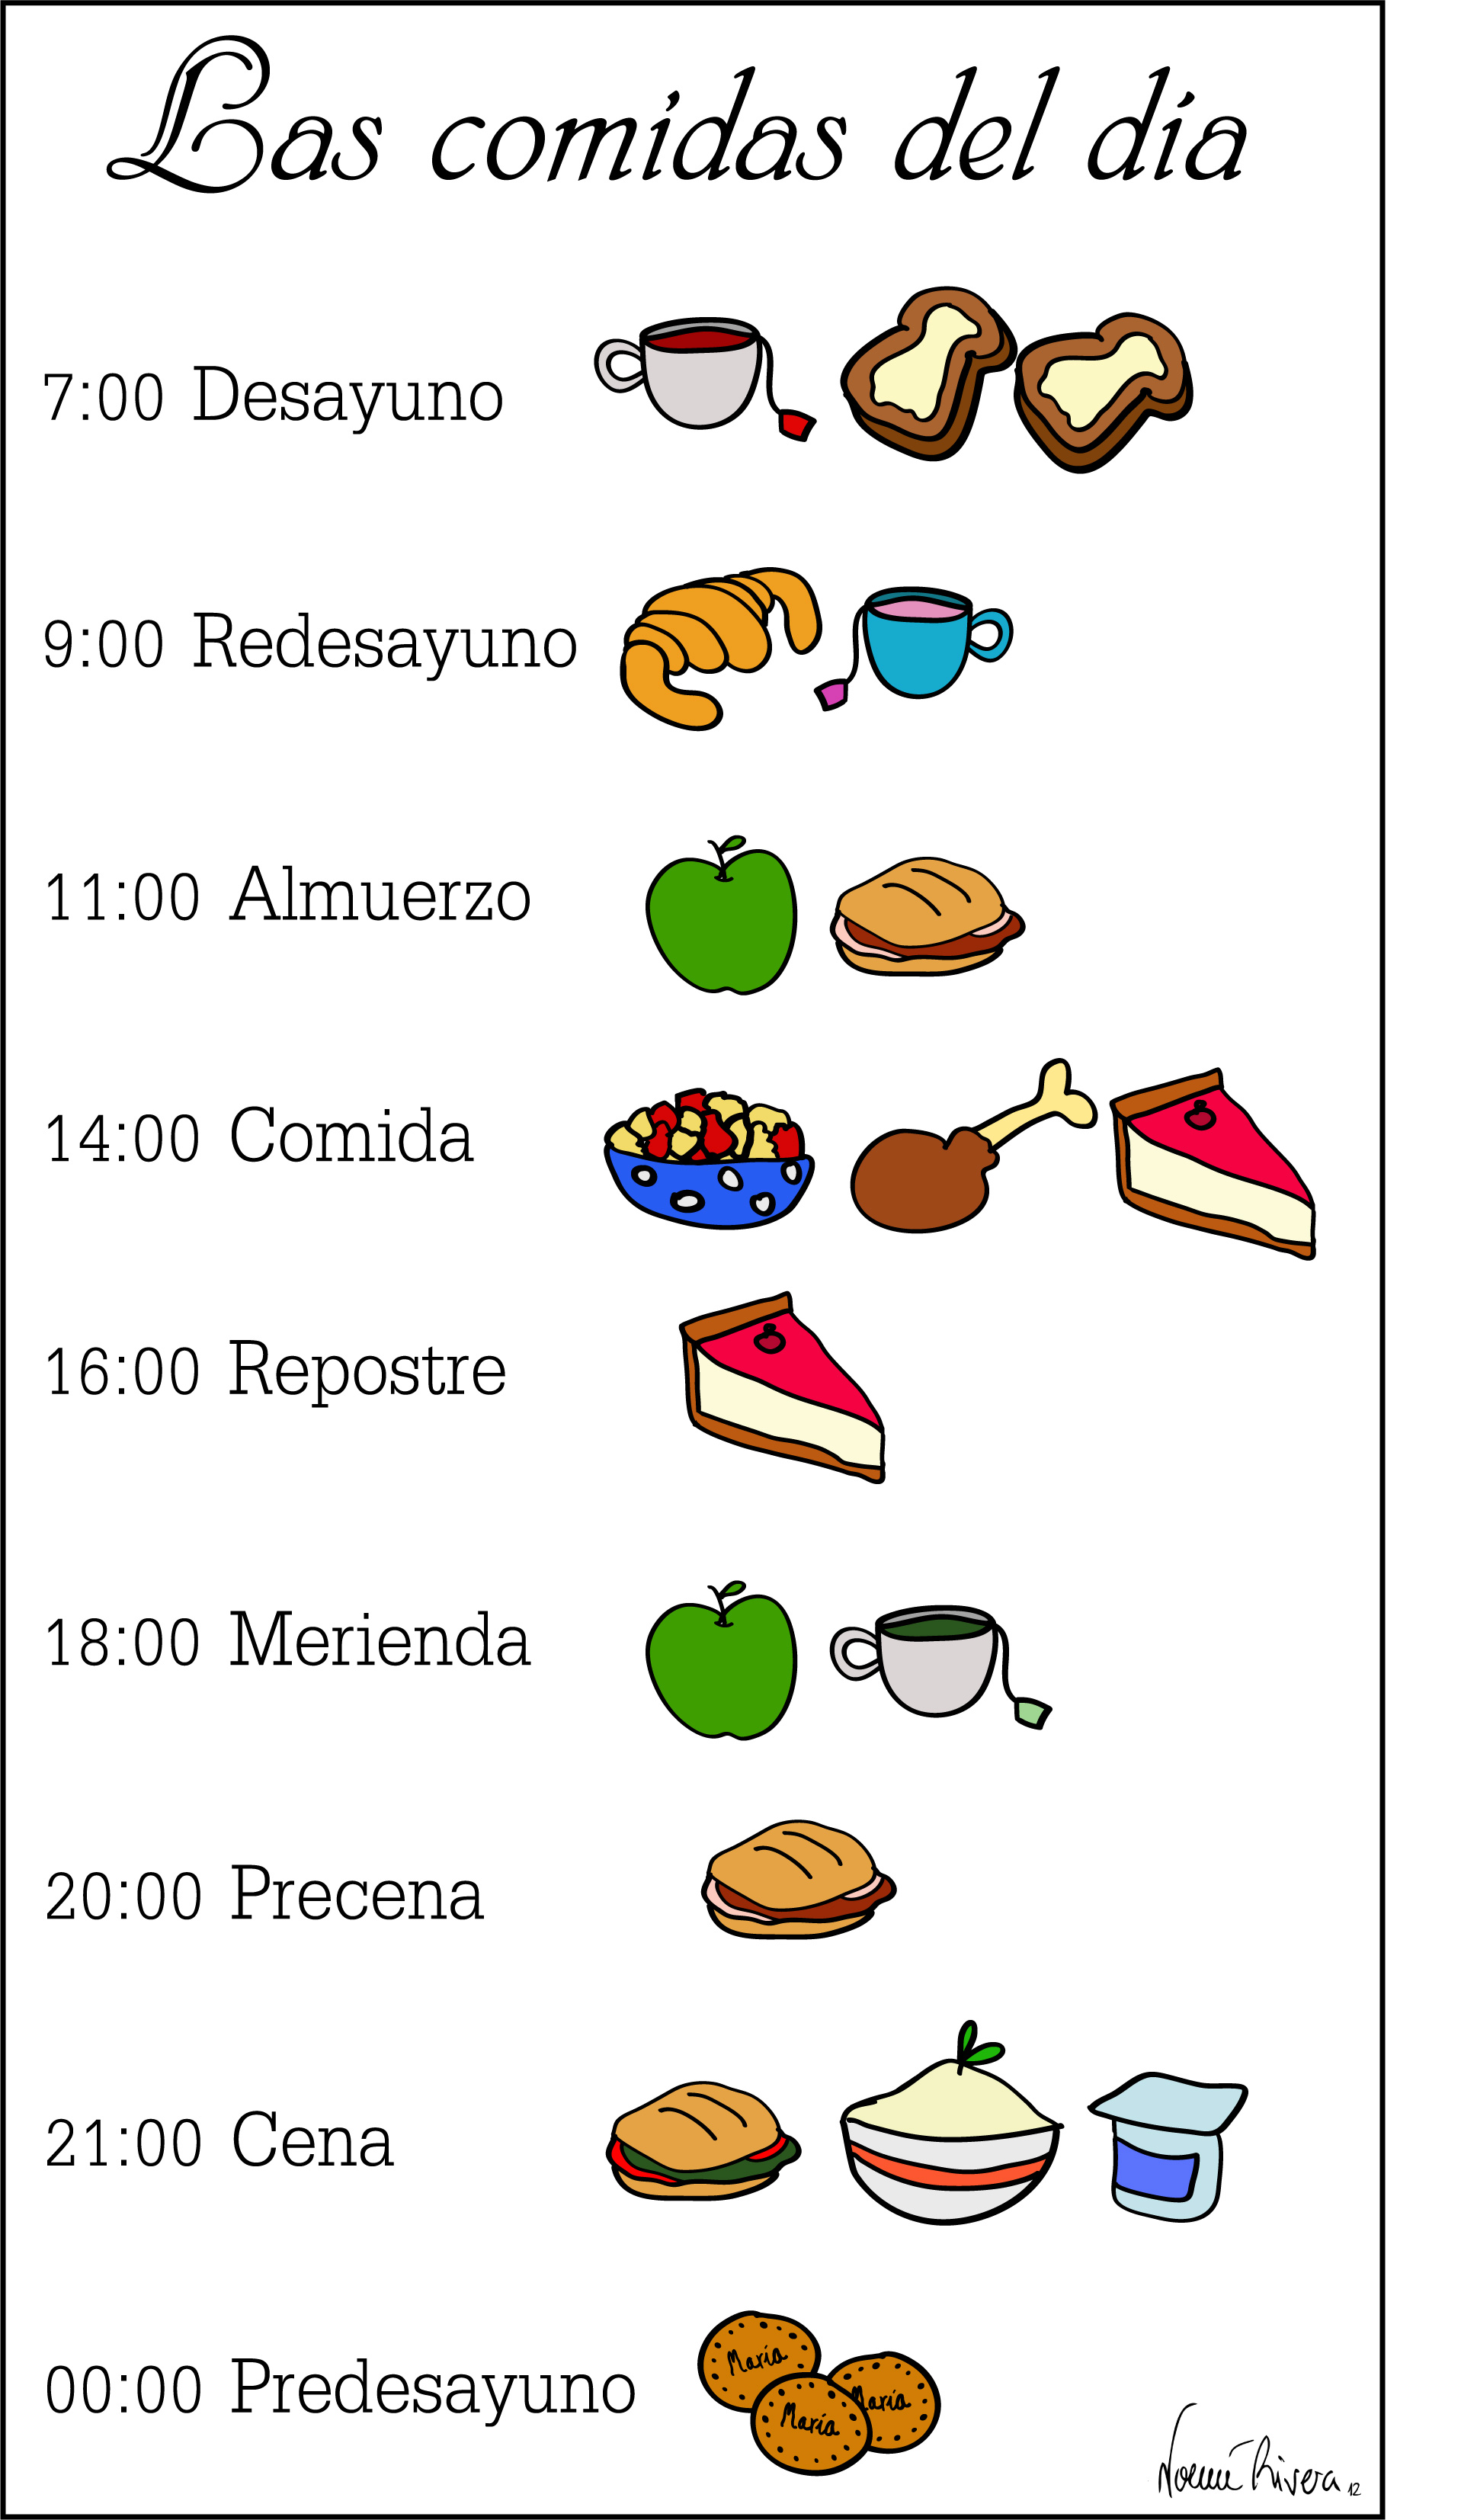 Las comidas del día